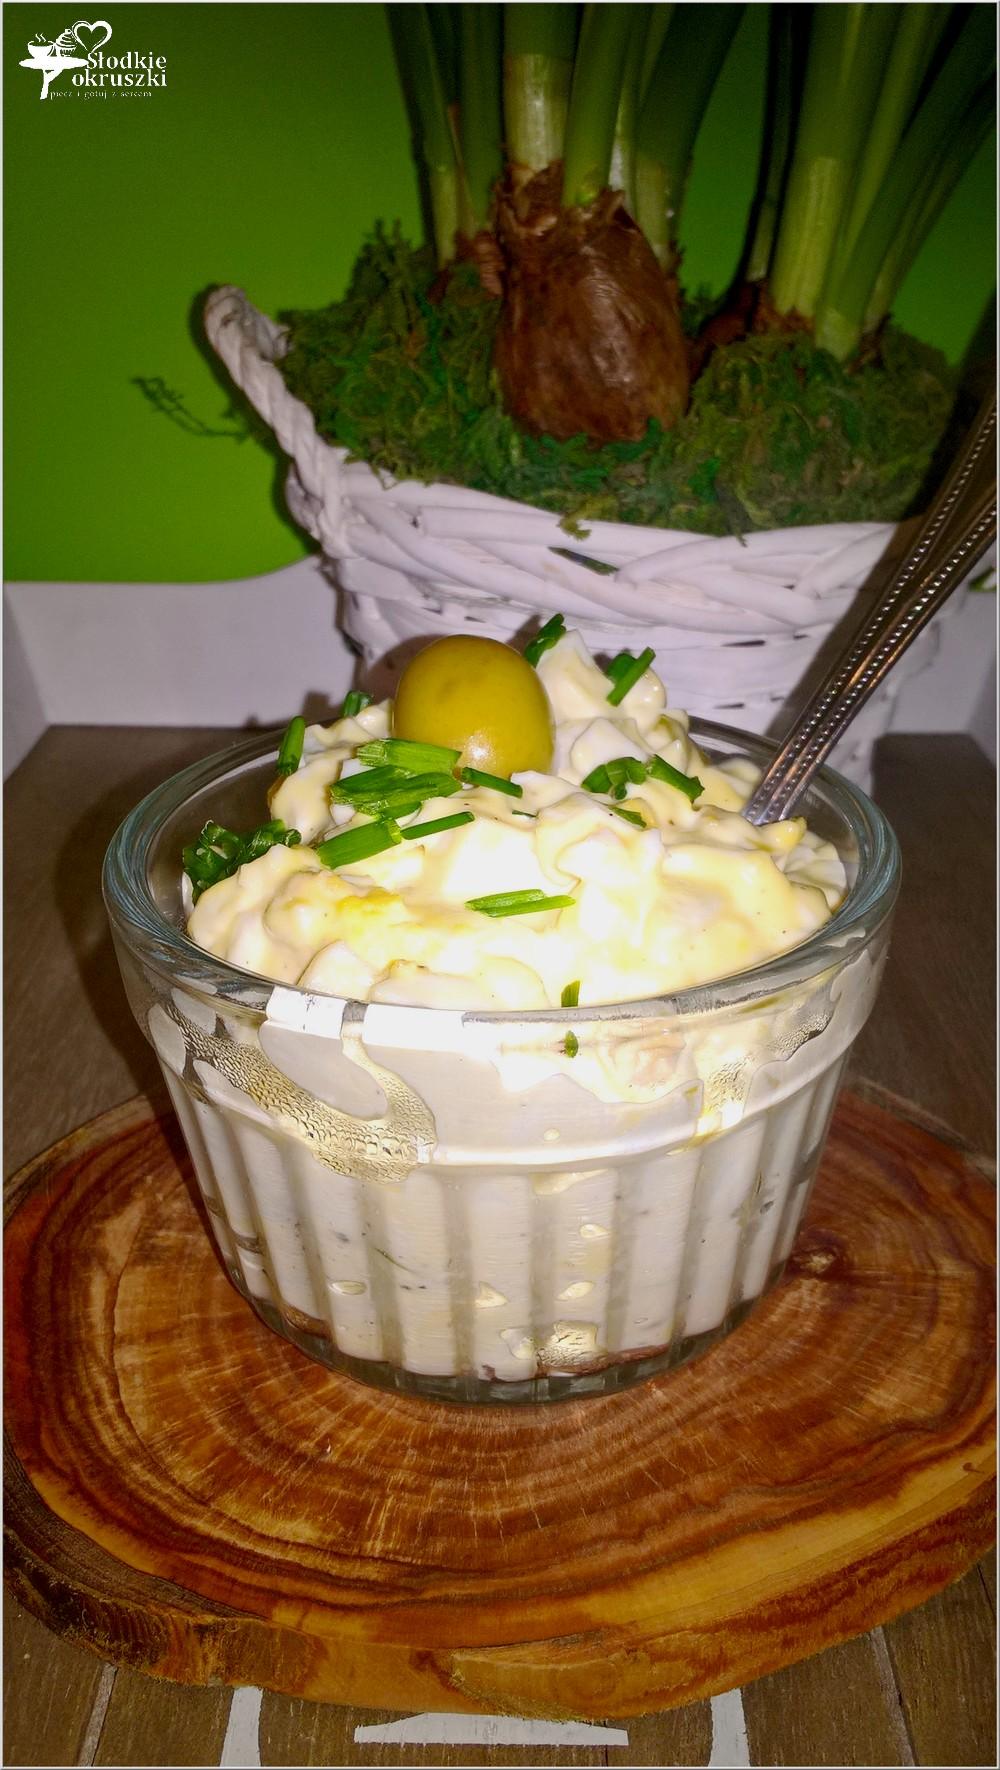 Pasta kanapkowa z oliwkami (2)